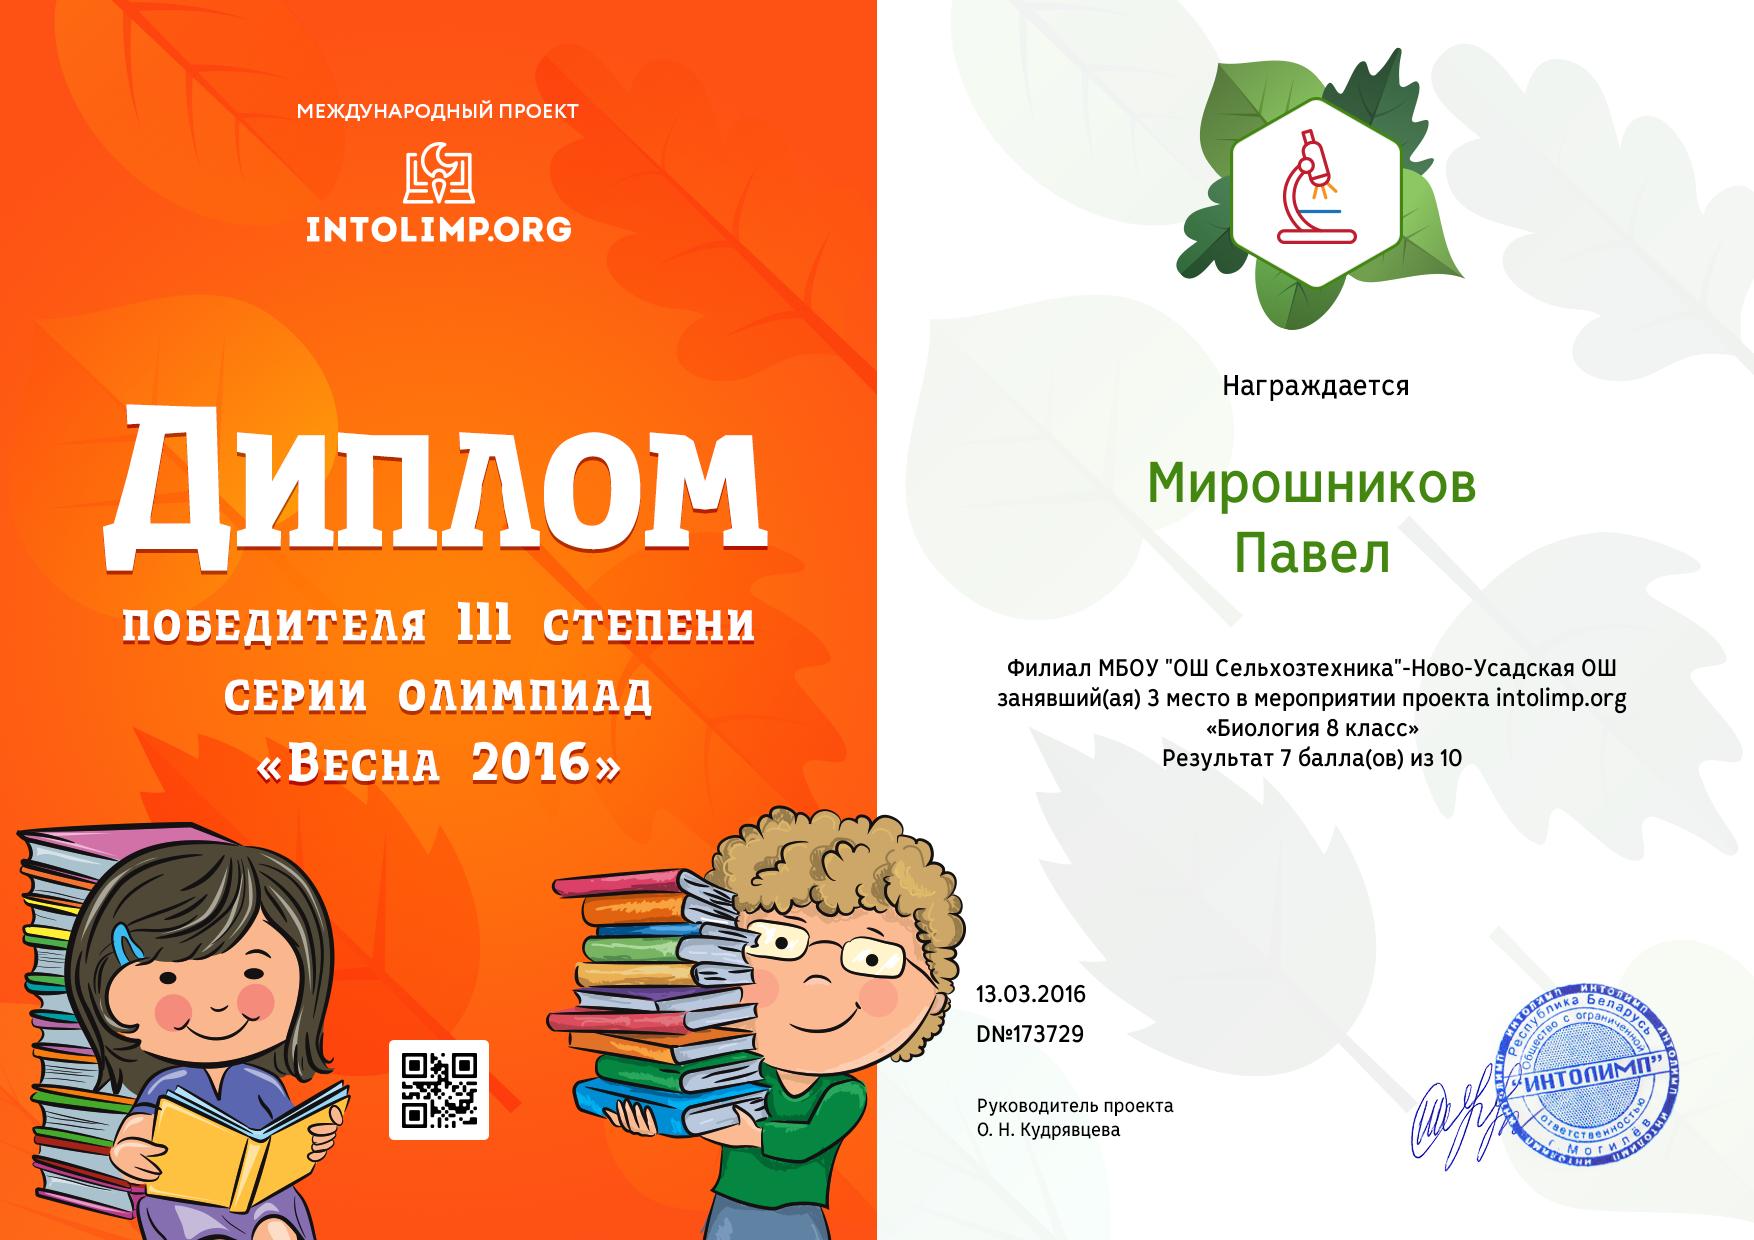 такое белье олимпиады и конкурсы по русскому языку и литературе термобелье отличие